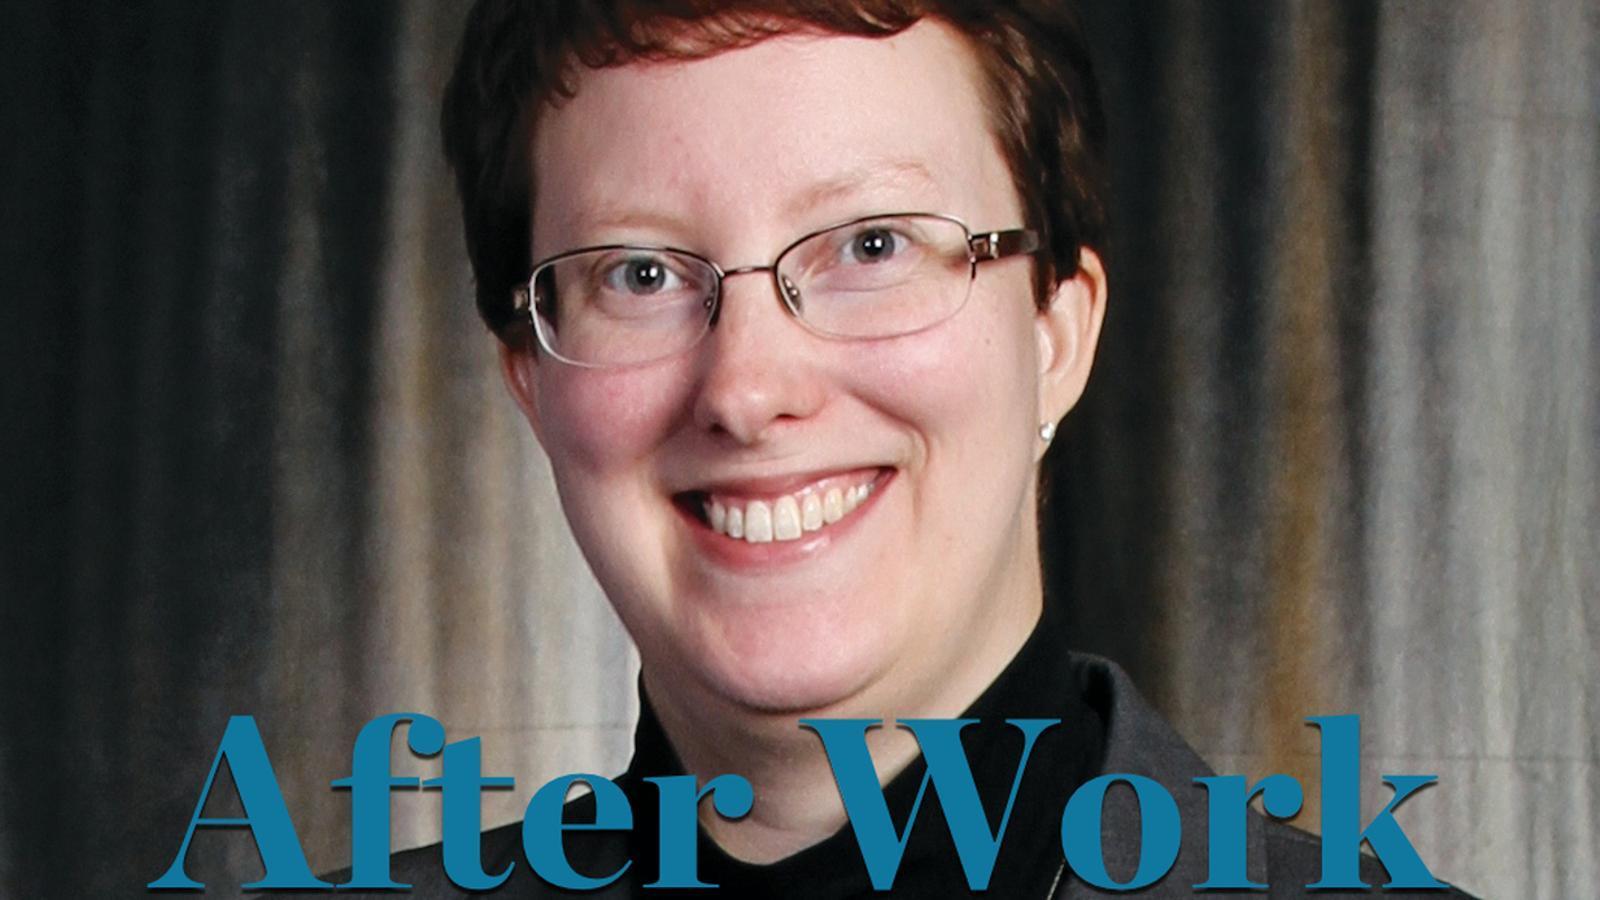 L'After Work: Trucs per a una foto de perfil infal·lible